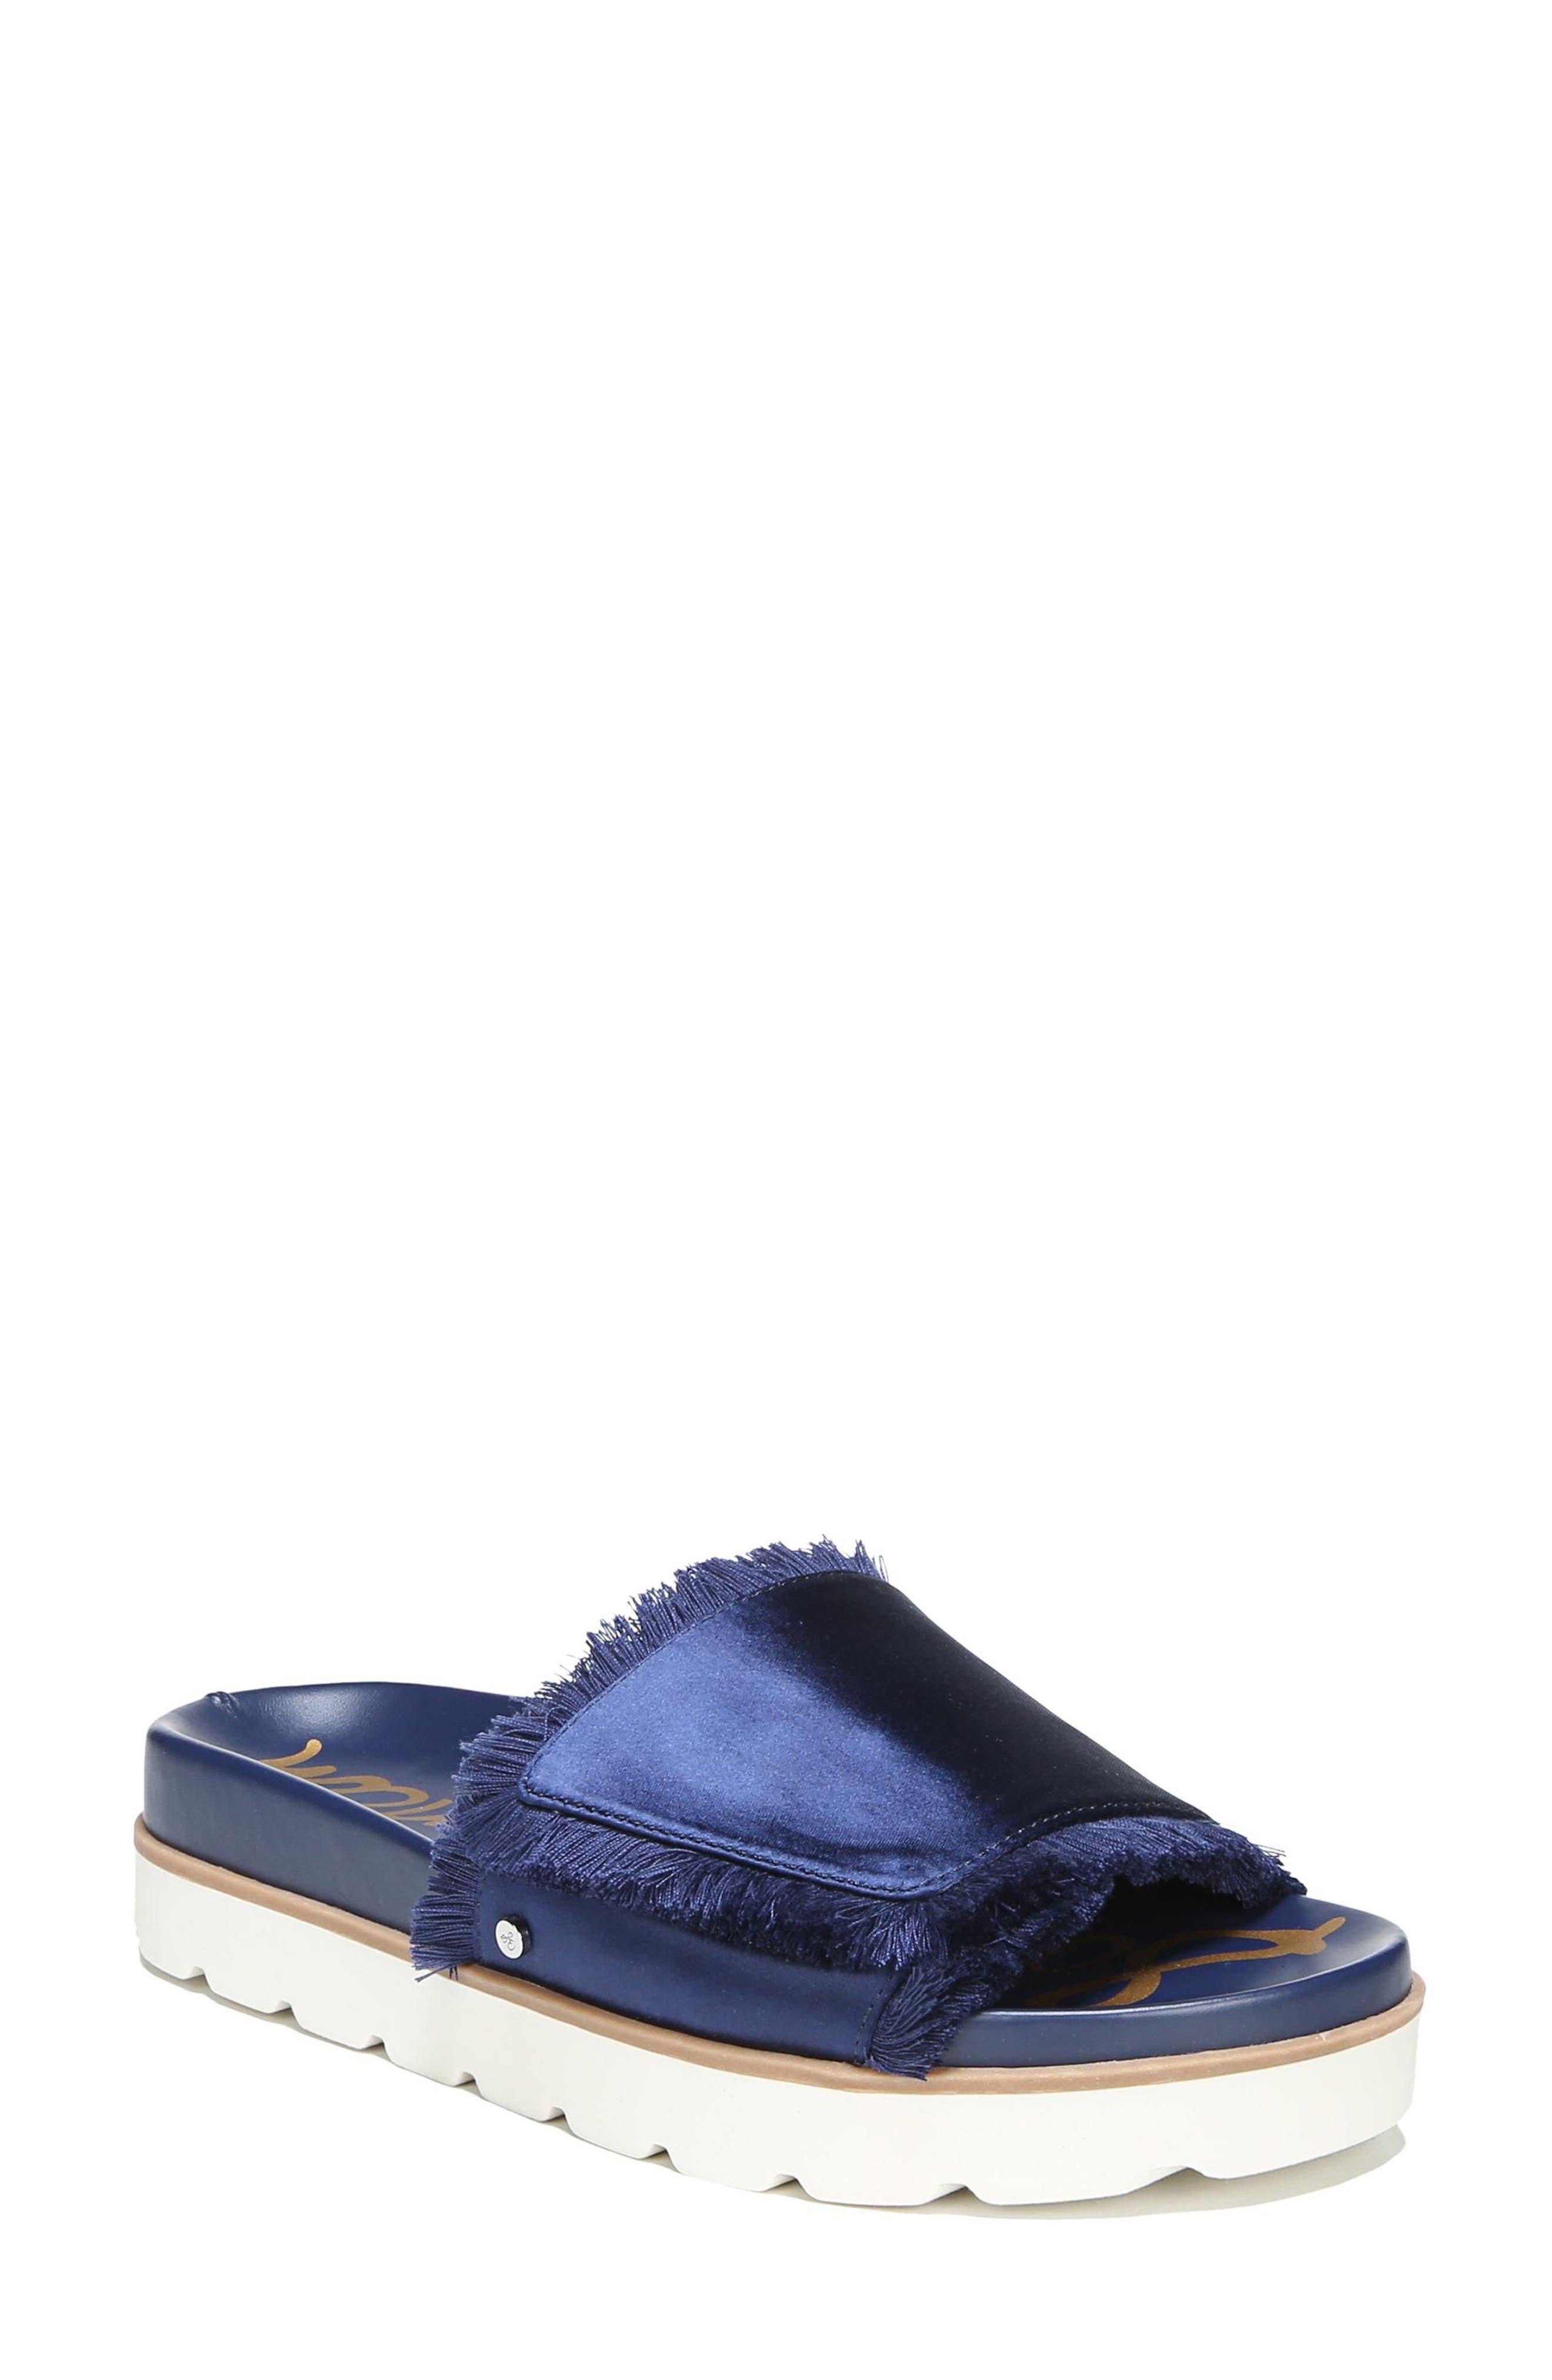 Women's Mares Slide Sandal